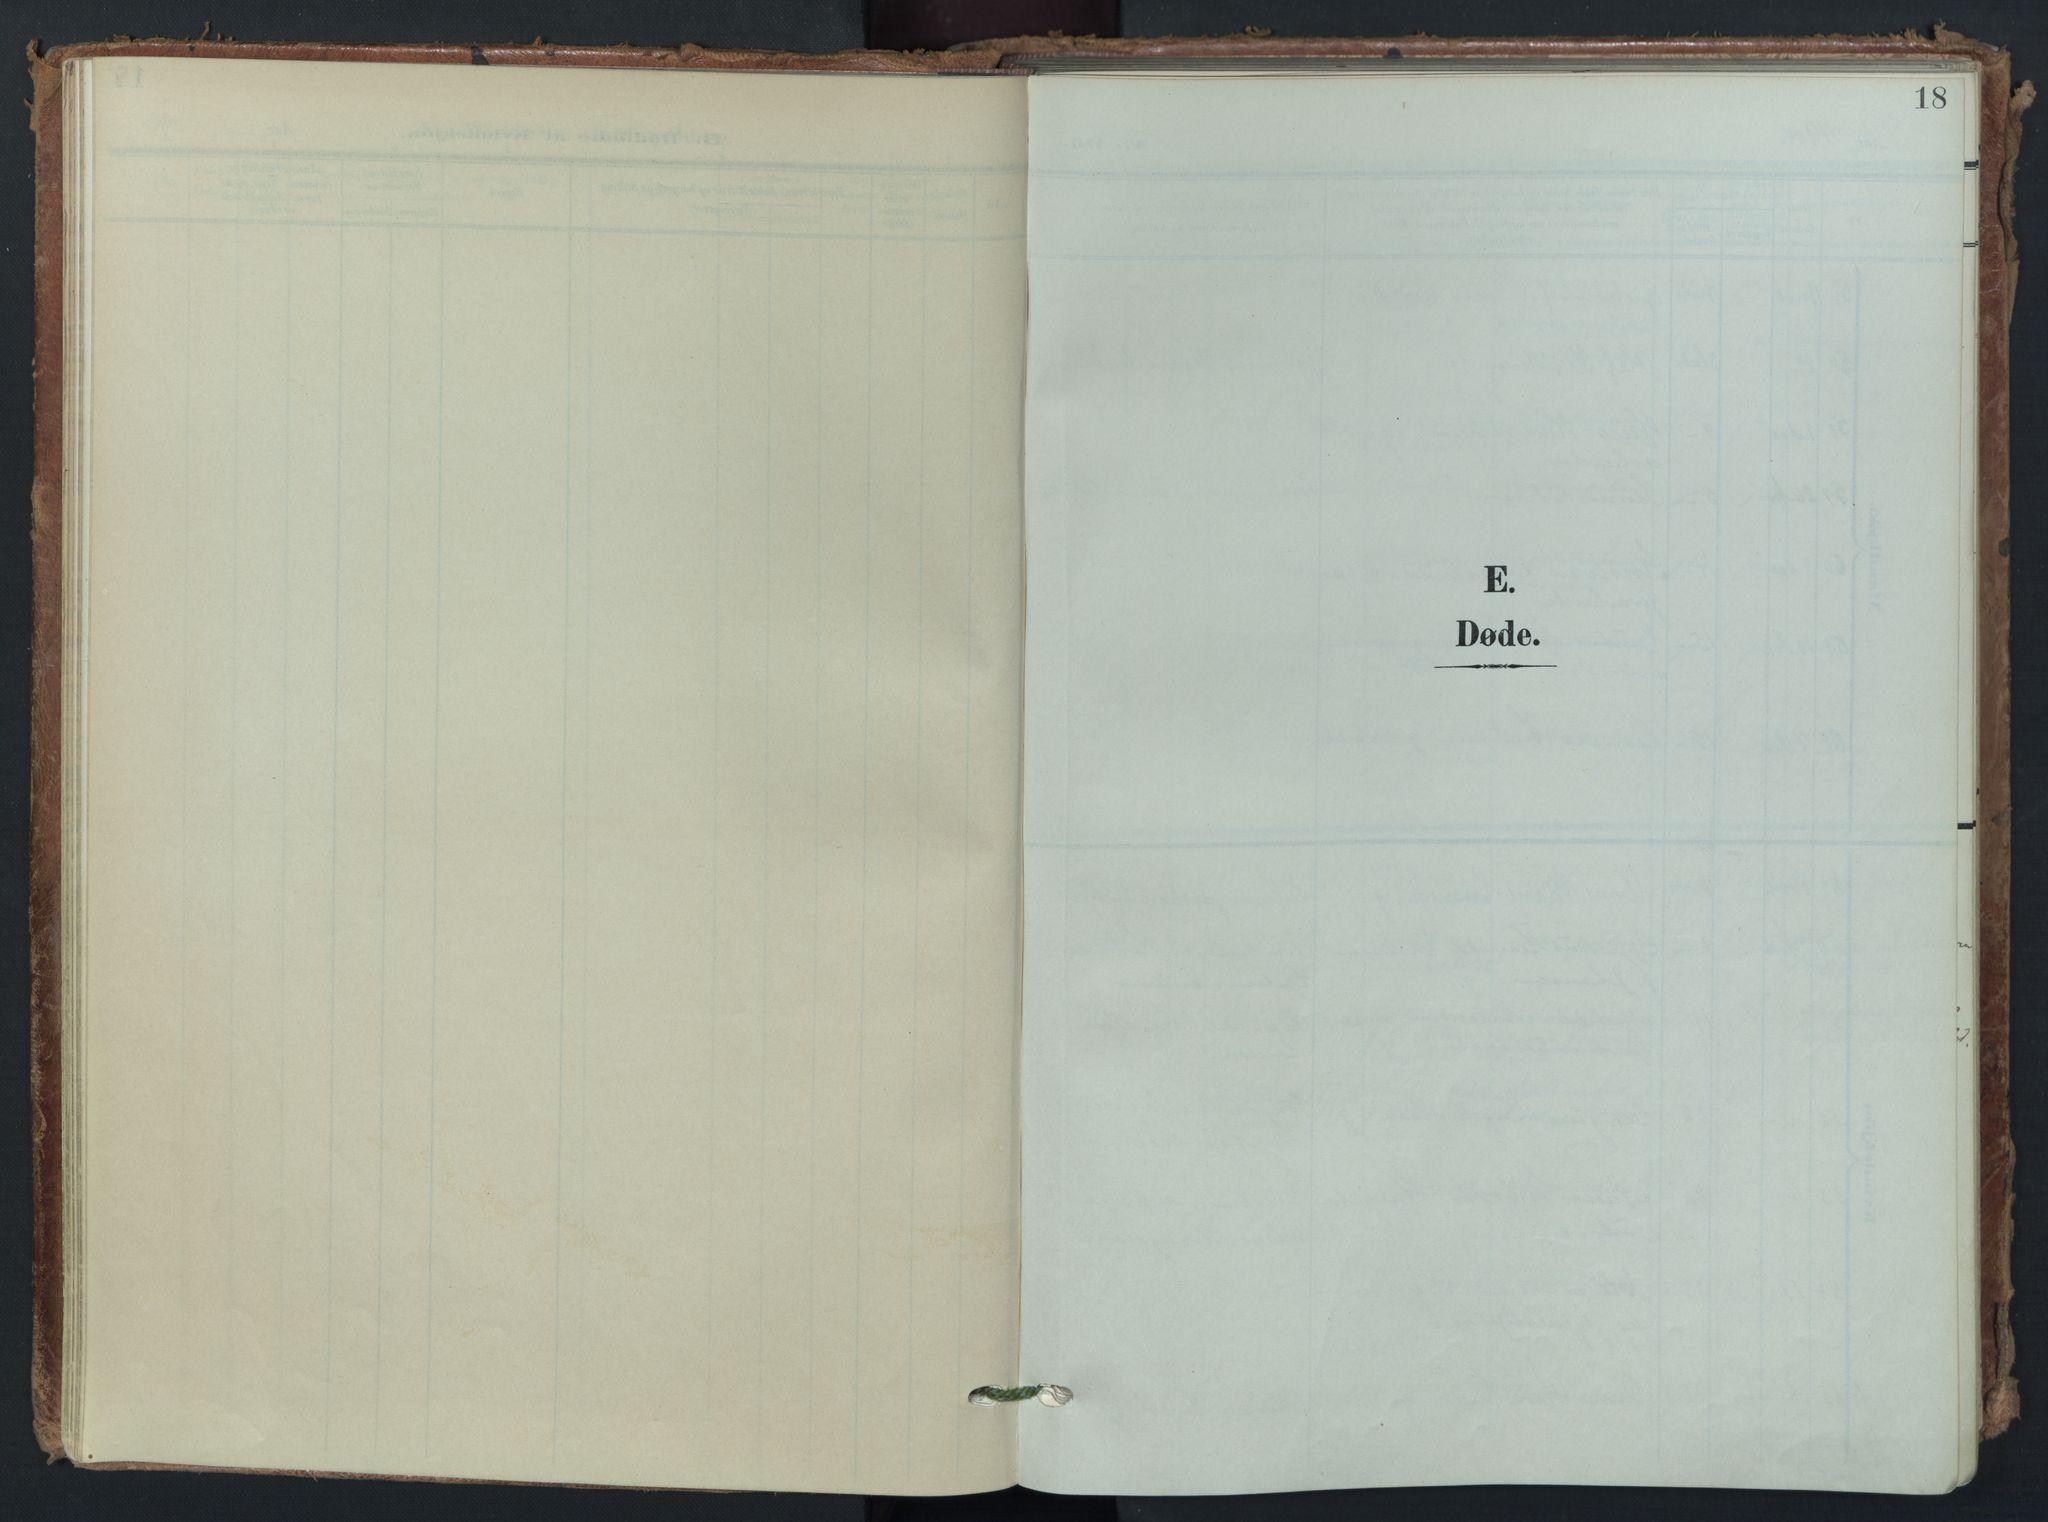 SAO, Vestre Aker prestekontor Kirkebøker, F/Fa/L0016: Ministerialbok nr. 16, 1904-1926, s. 18